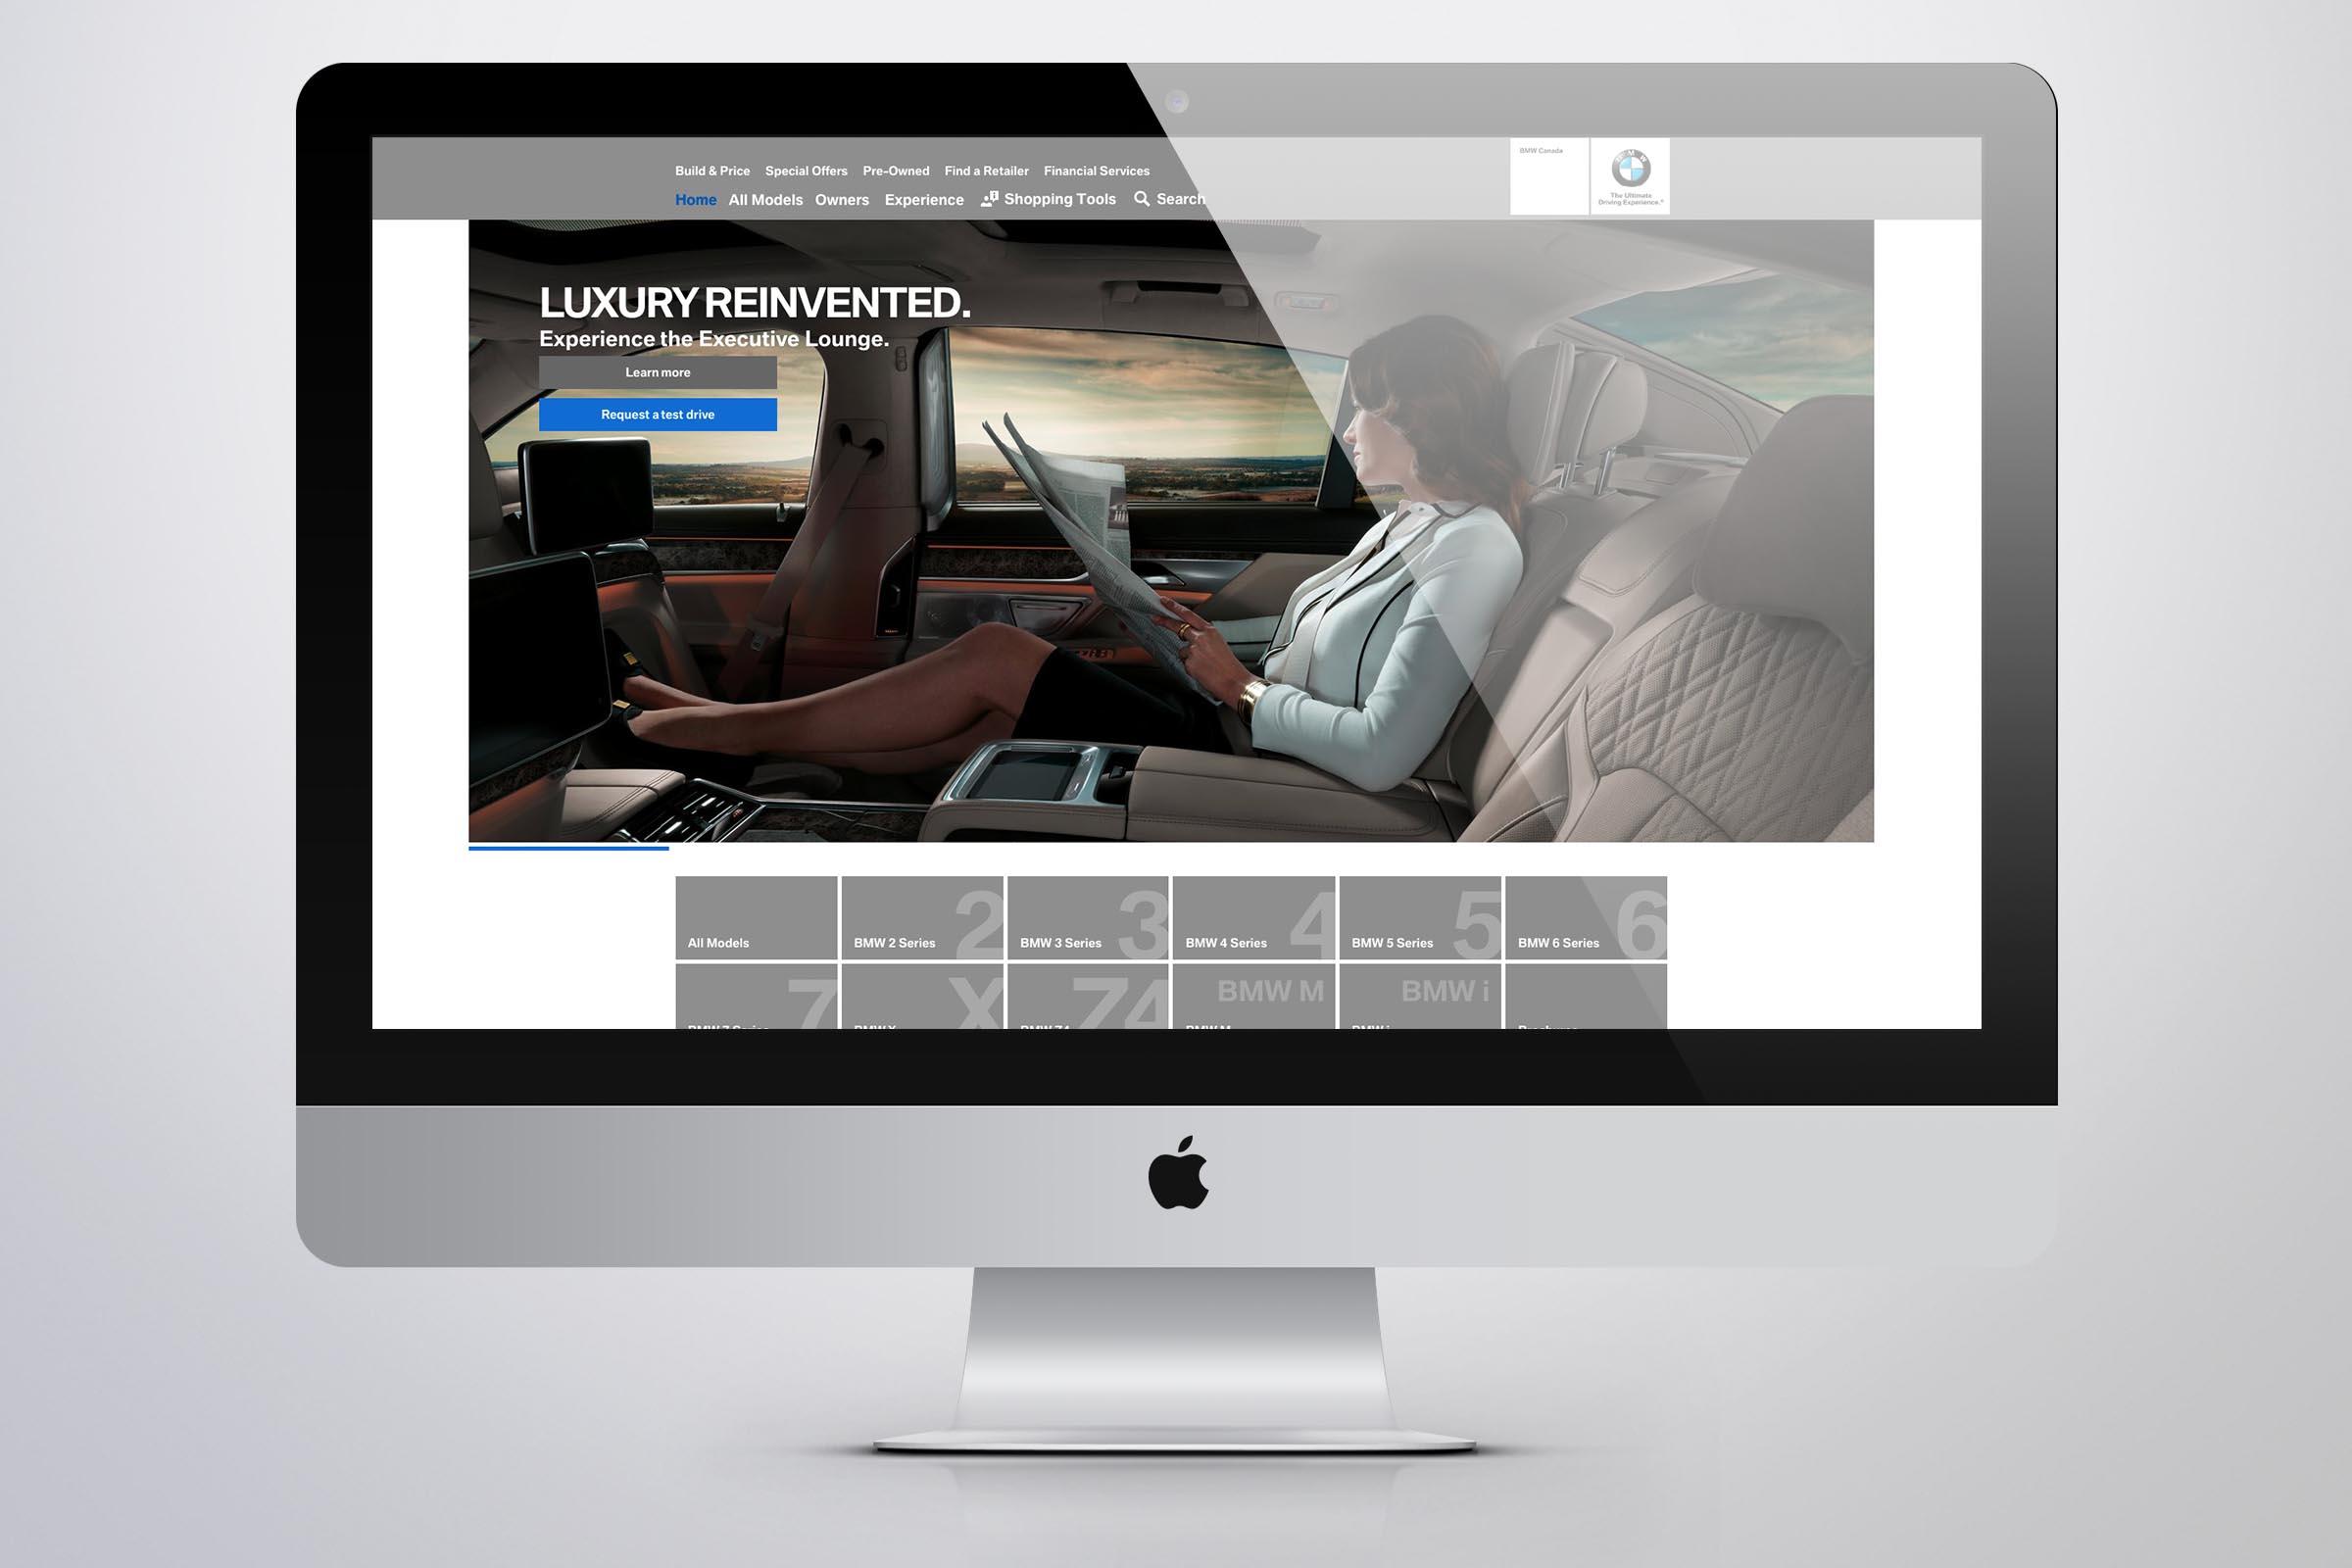 BMW_iMac_2400x1600